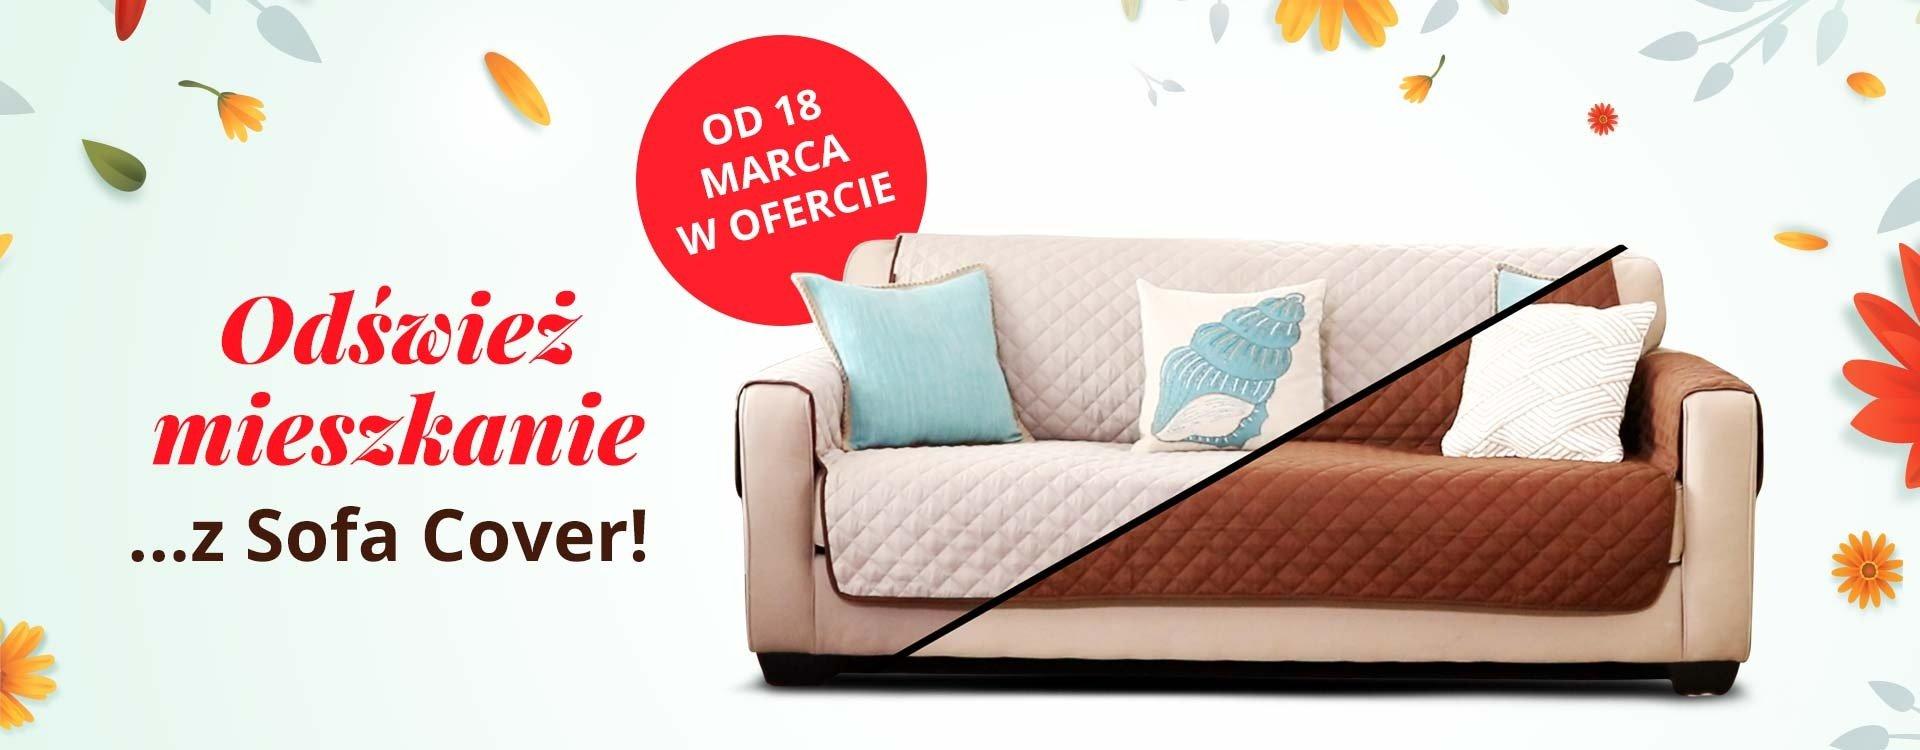 Odśwież mieszkanie na wiosnę. Zmień wnętrze salonu z narzutą na sofę!